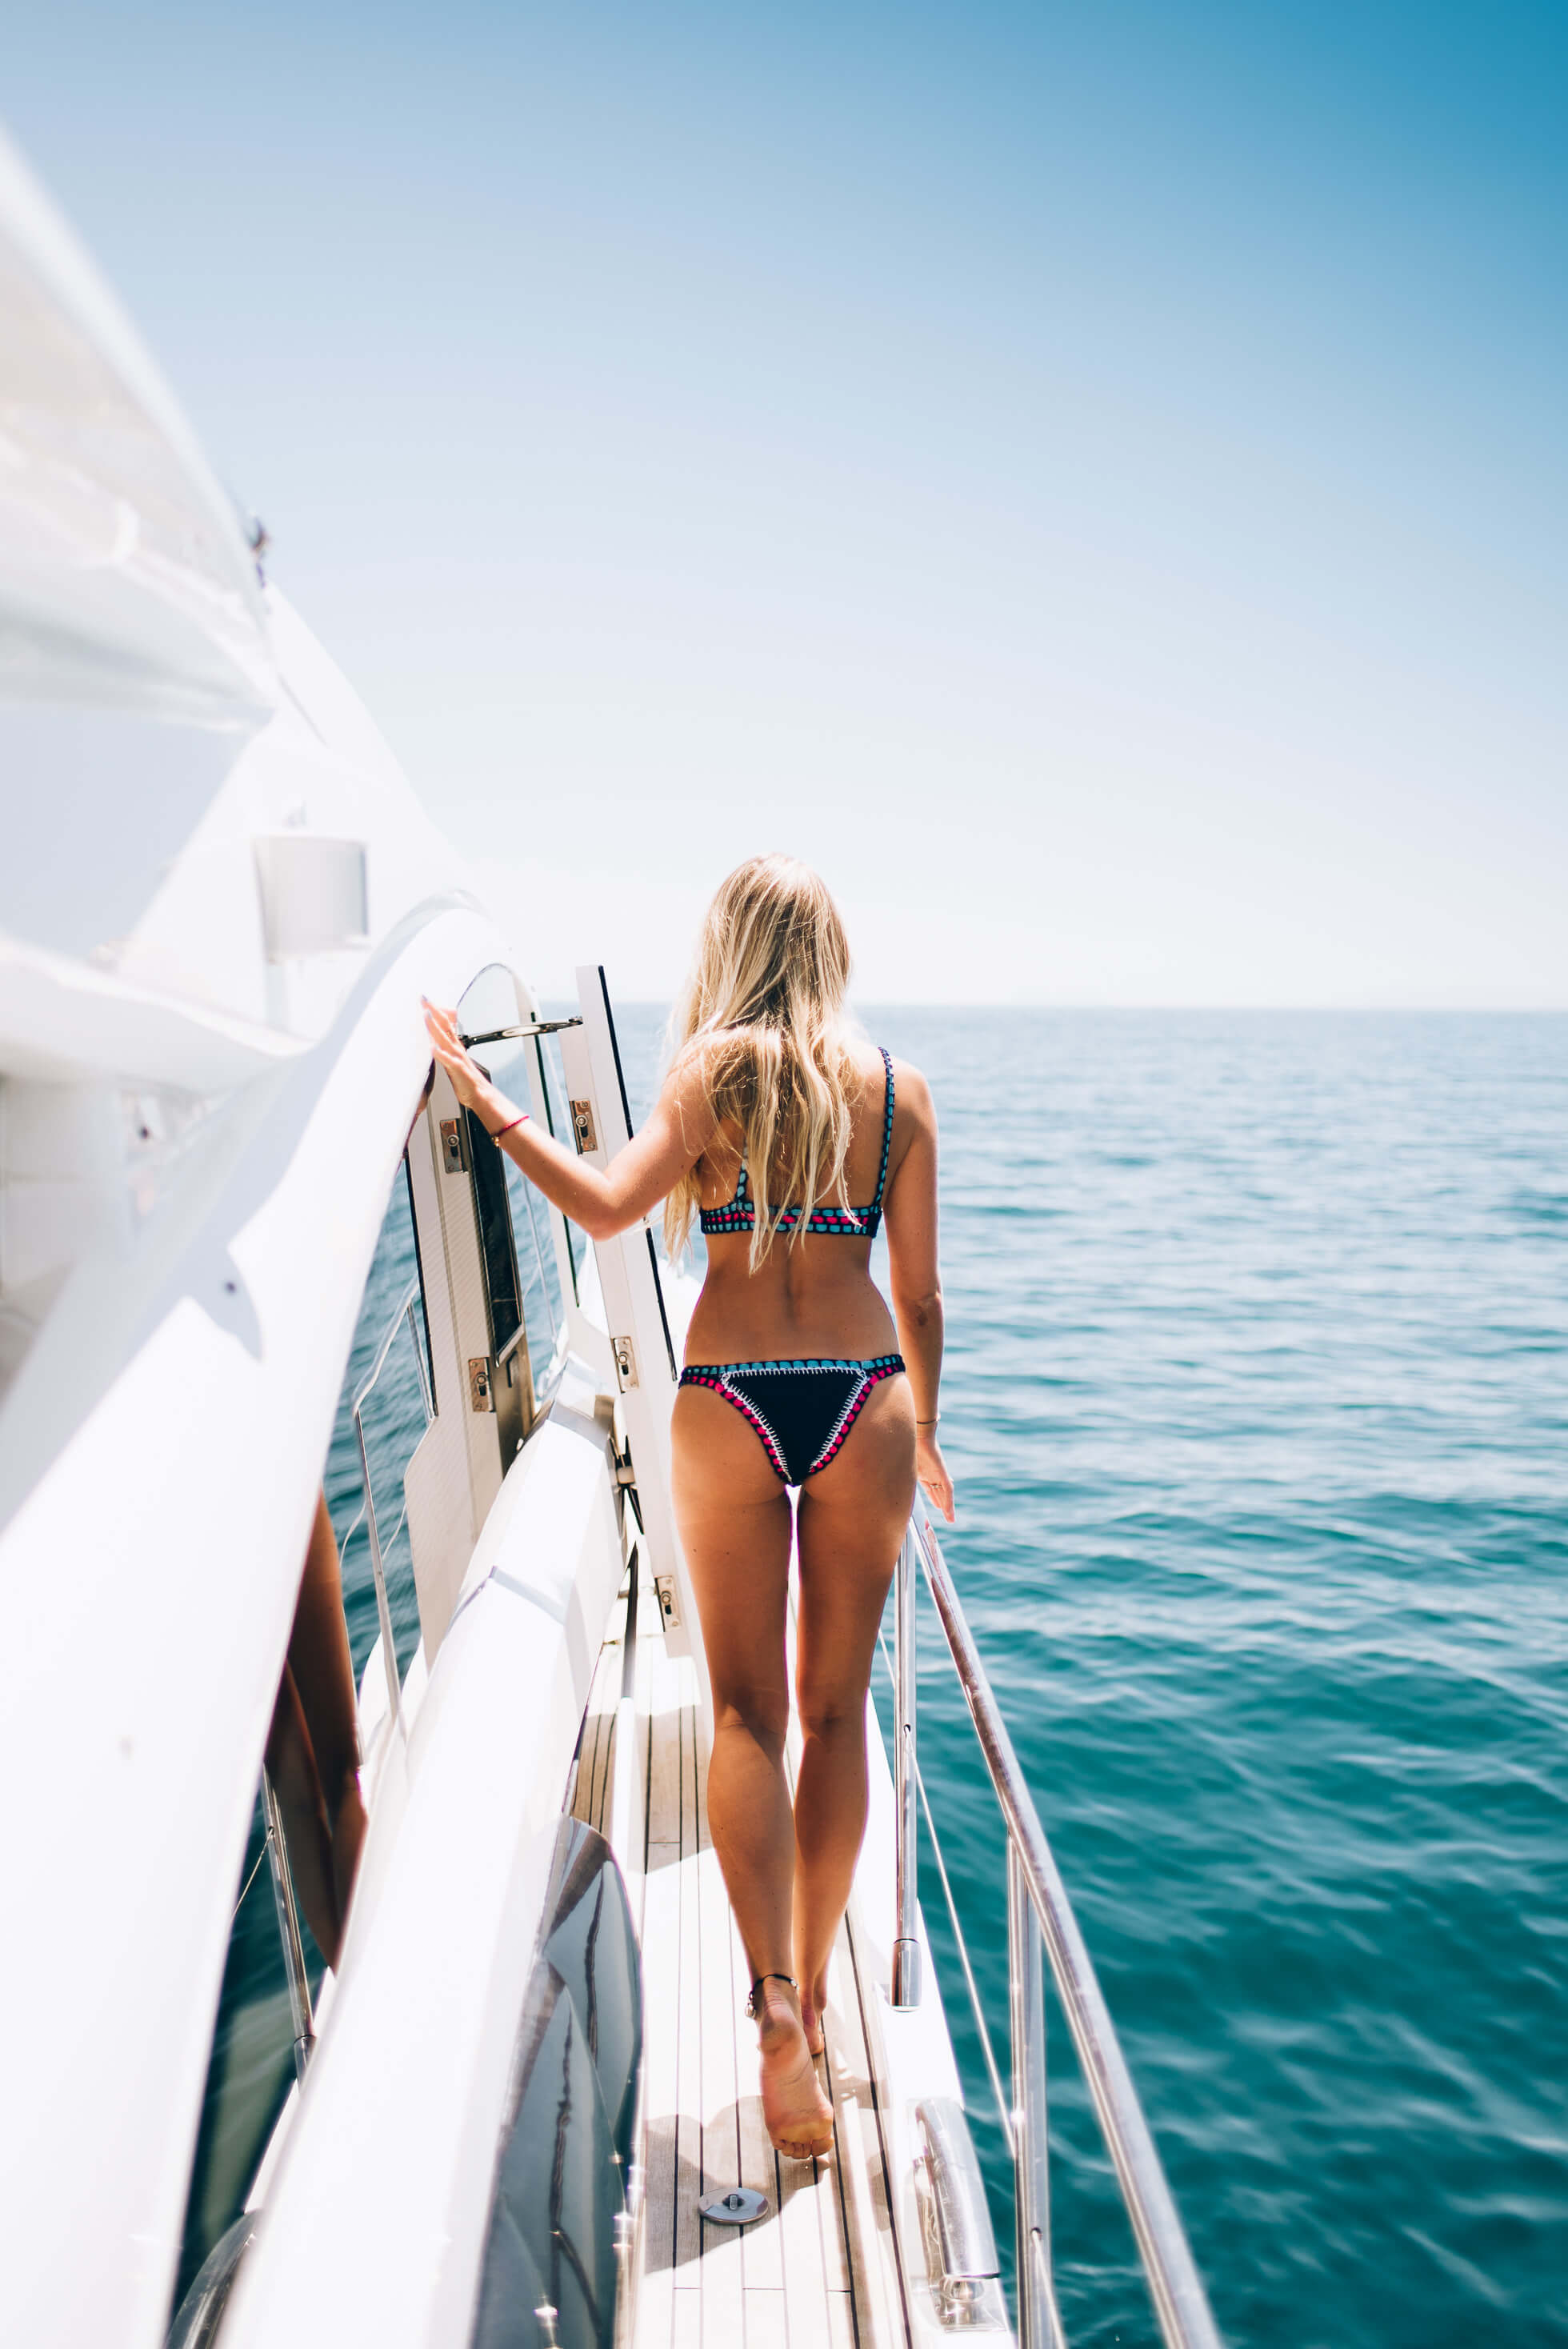 janni-deler-bikini-daysDSC_7640